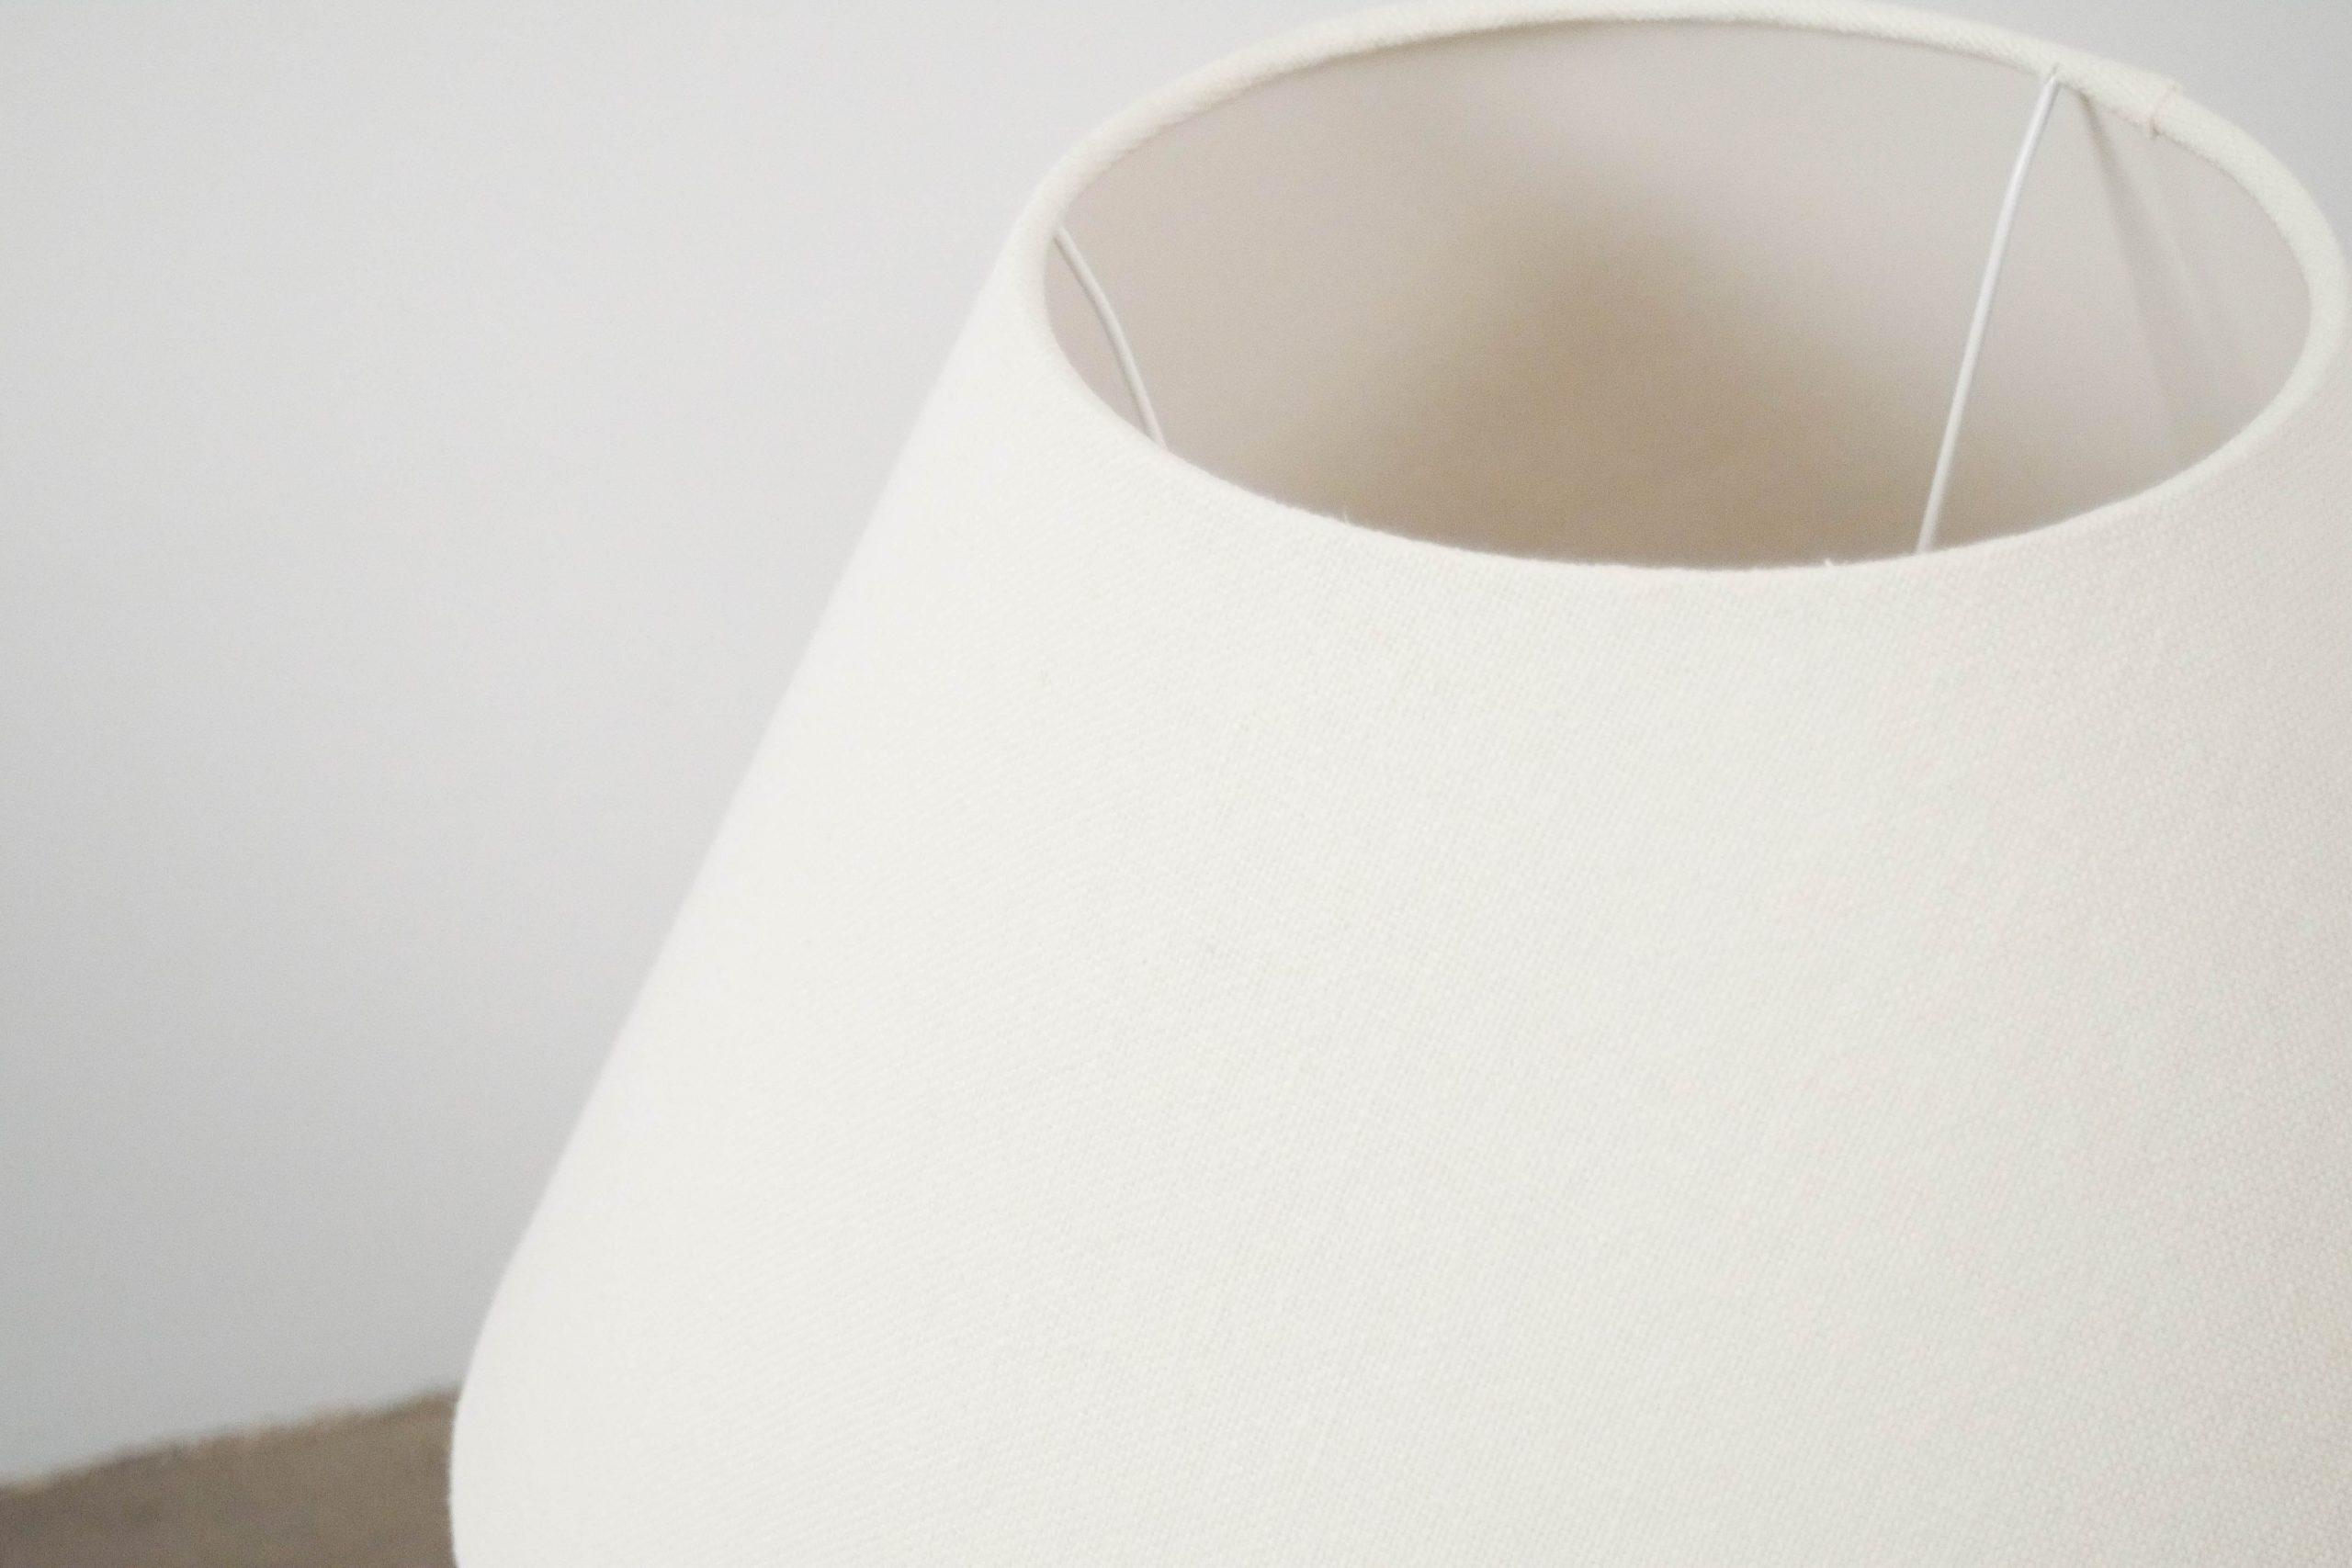 panatalla de lino de lampara hecha a mano de calidad salon